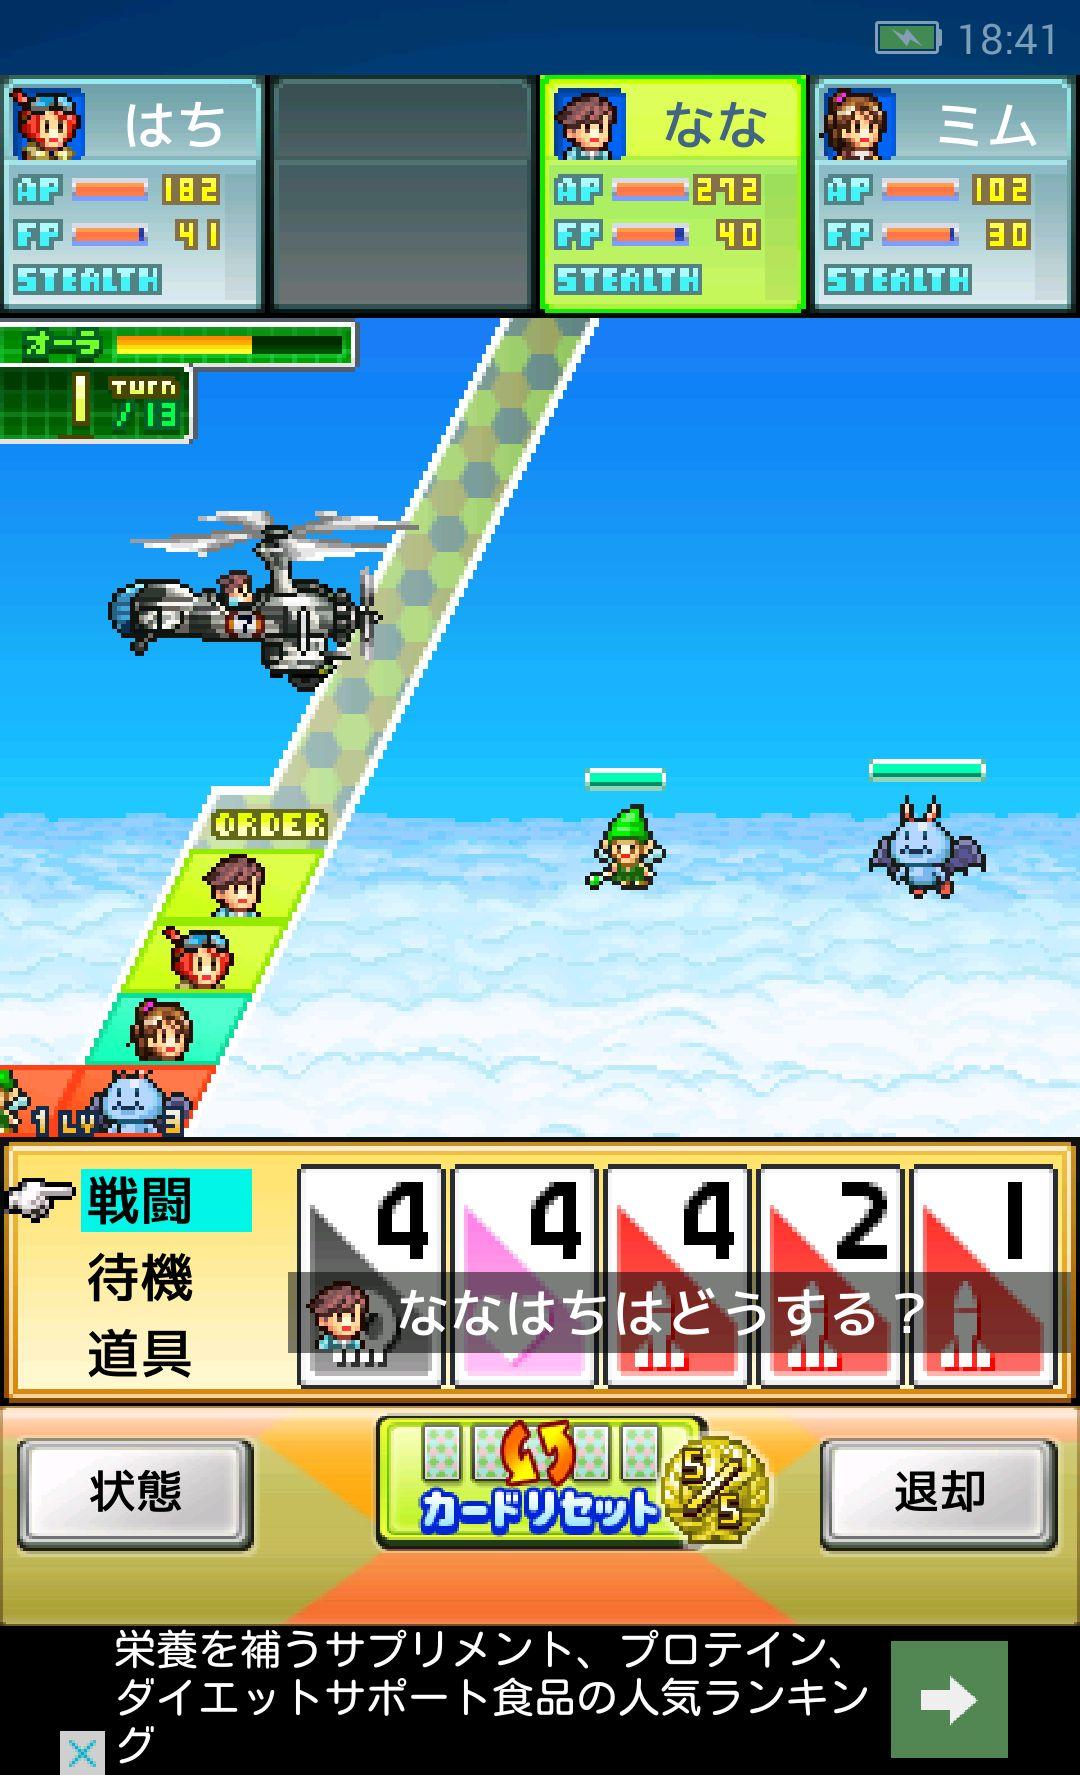 あおぞら飛行隊 androidアプリスクリーンショット1